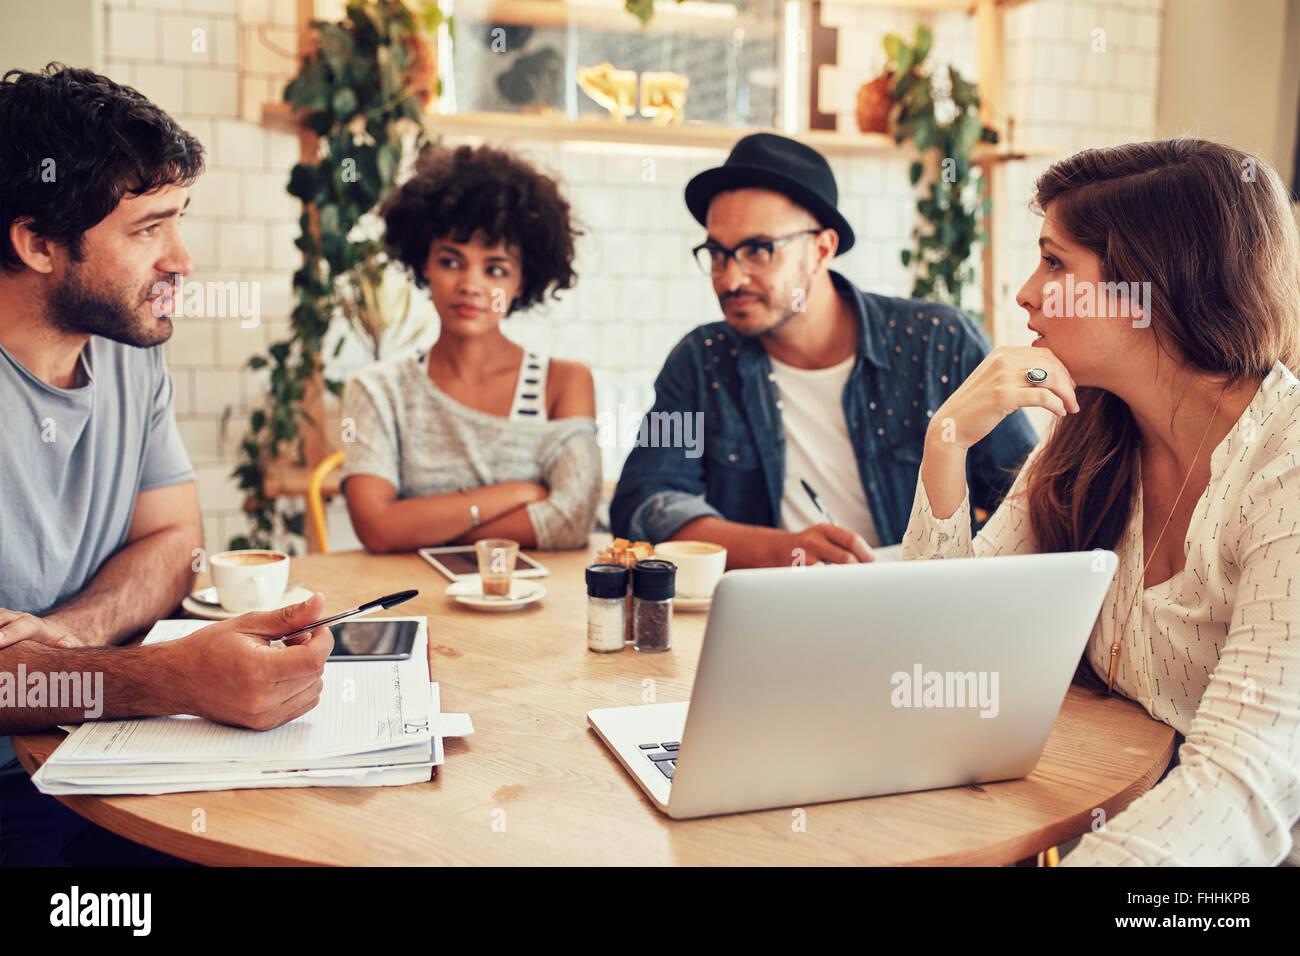 Porträt der jungen Menschen sitzen im Café mit einem Laptop. Kreative Team-Meeting in einem Café Stockbild